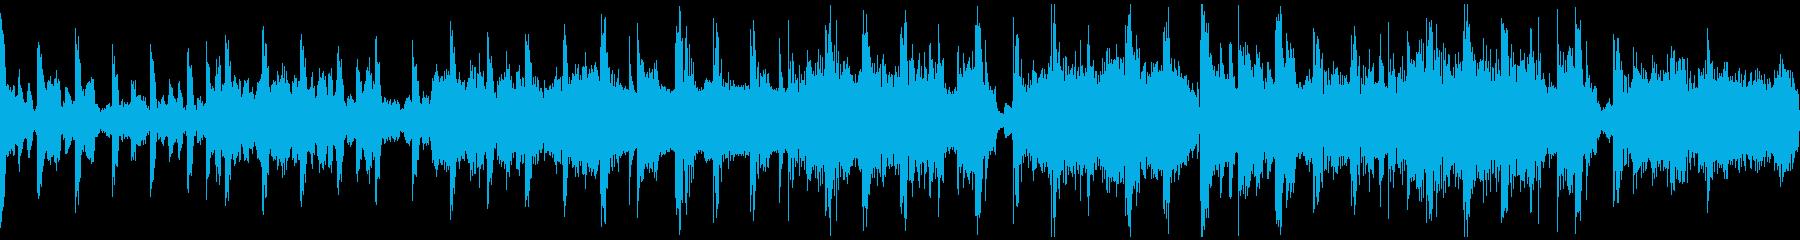 涼しげな印象の短尺BGMの再生済みの波形